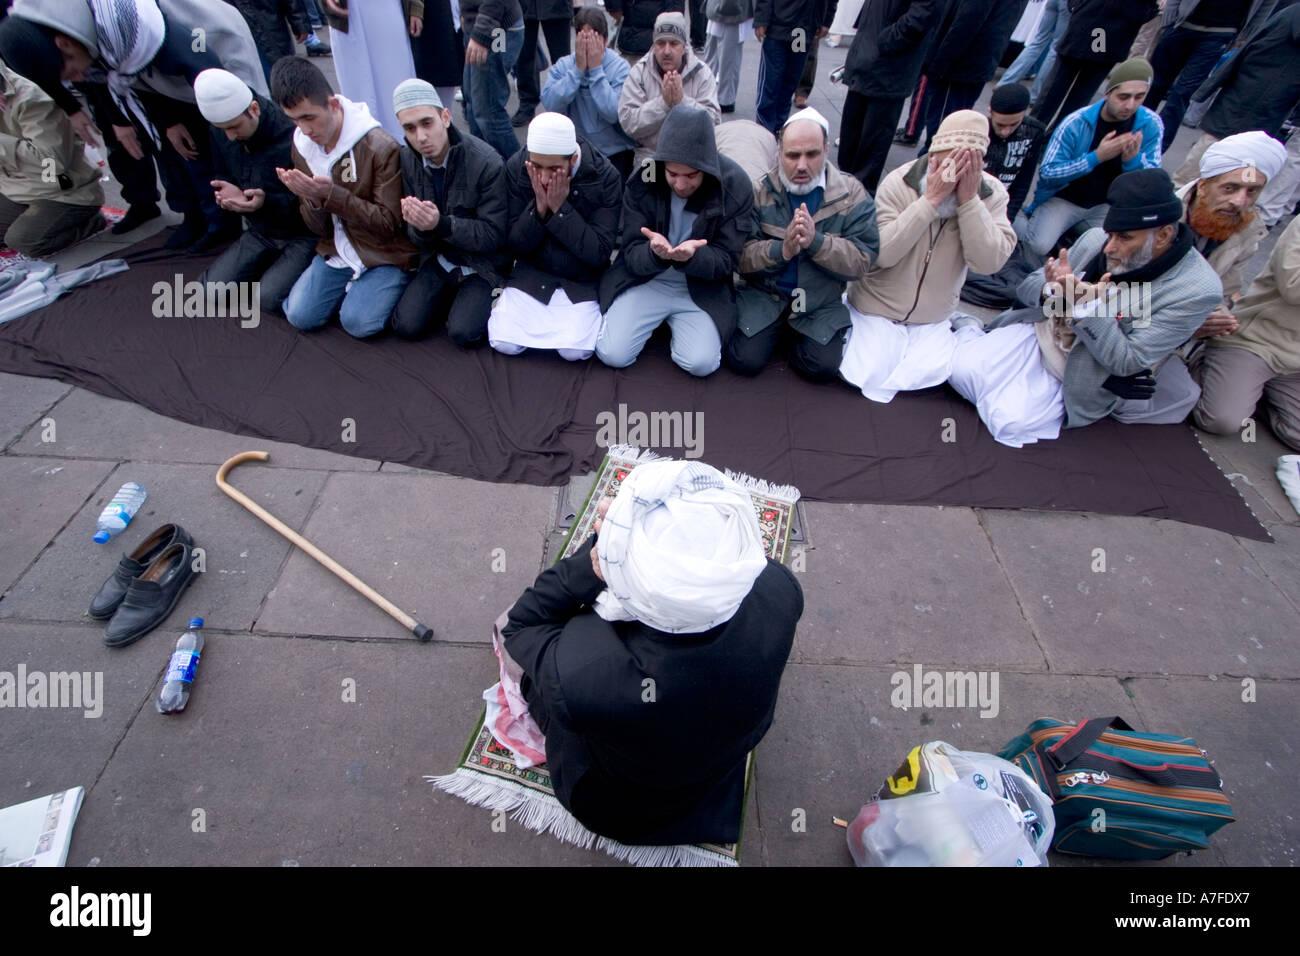 Les caricatures danoises au manifestant musulmans réunis à Trafalgar square prendre du temps pour la prière Banque D'Images